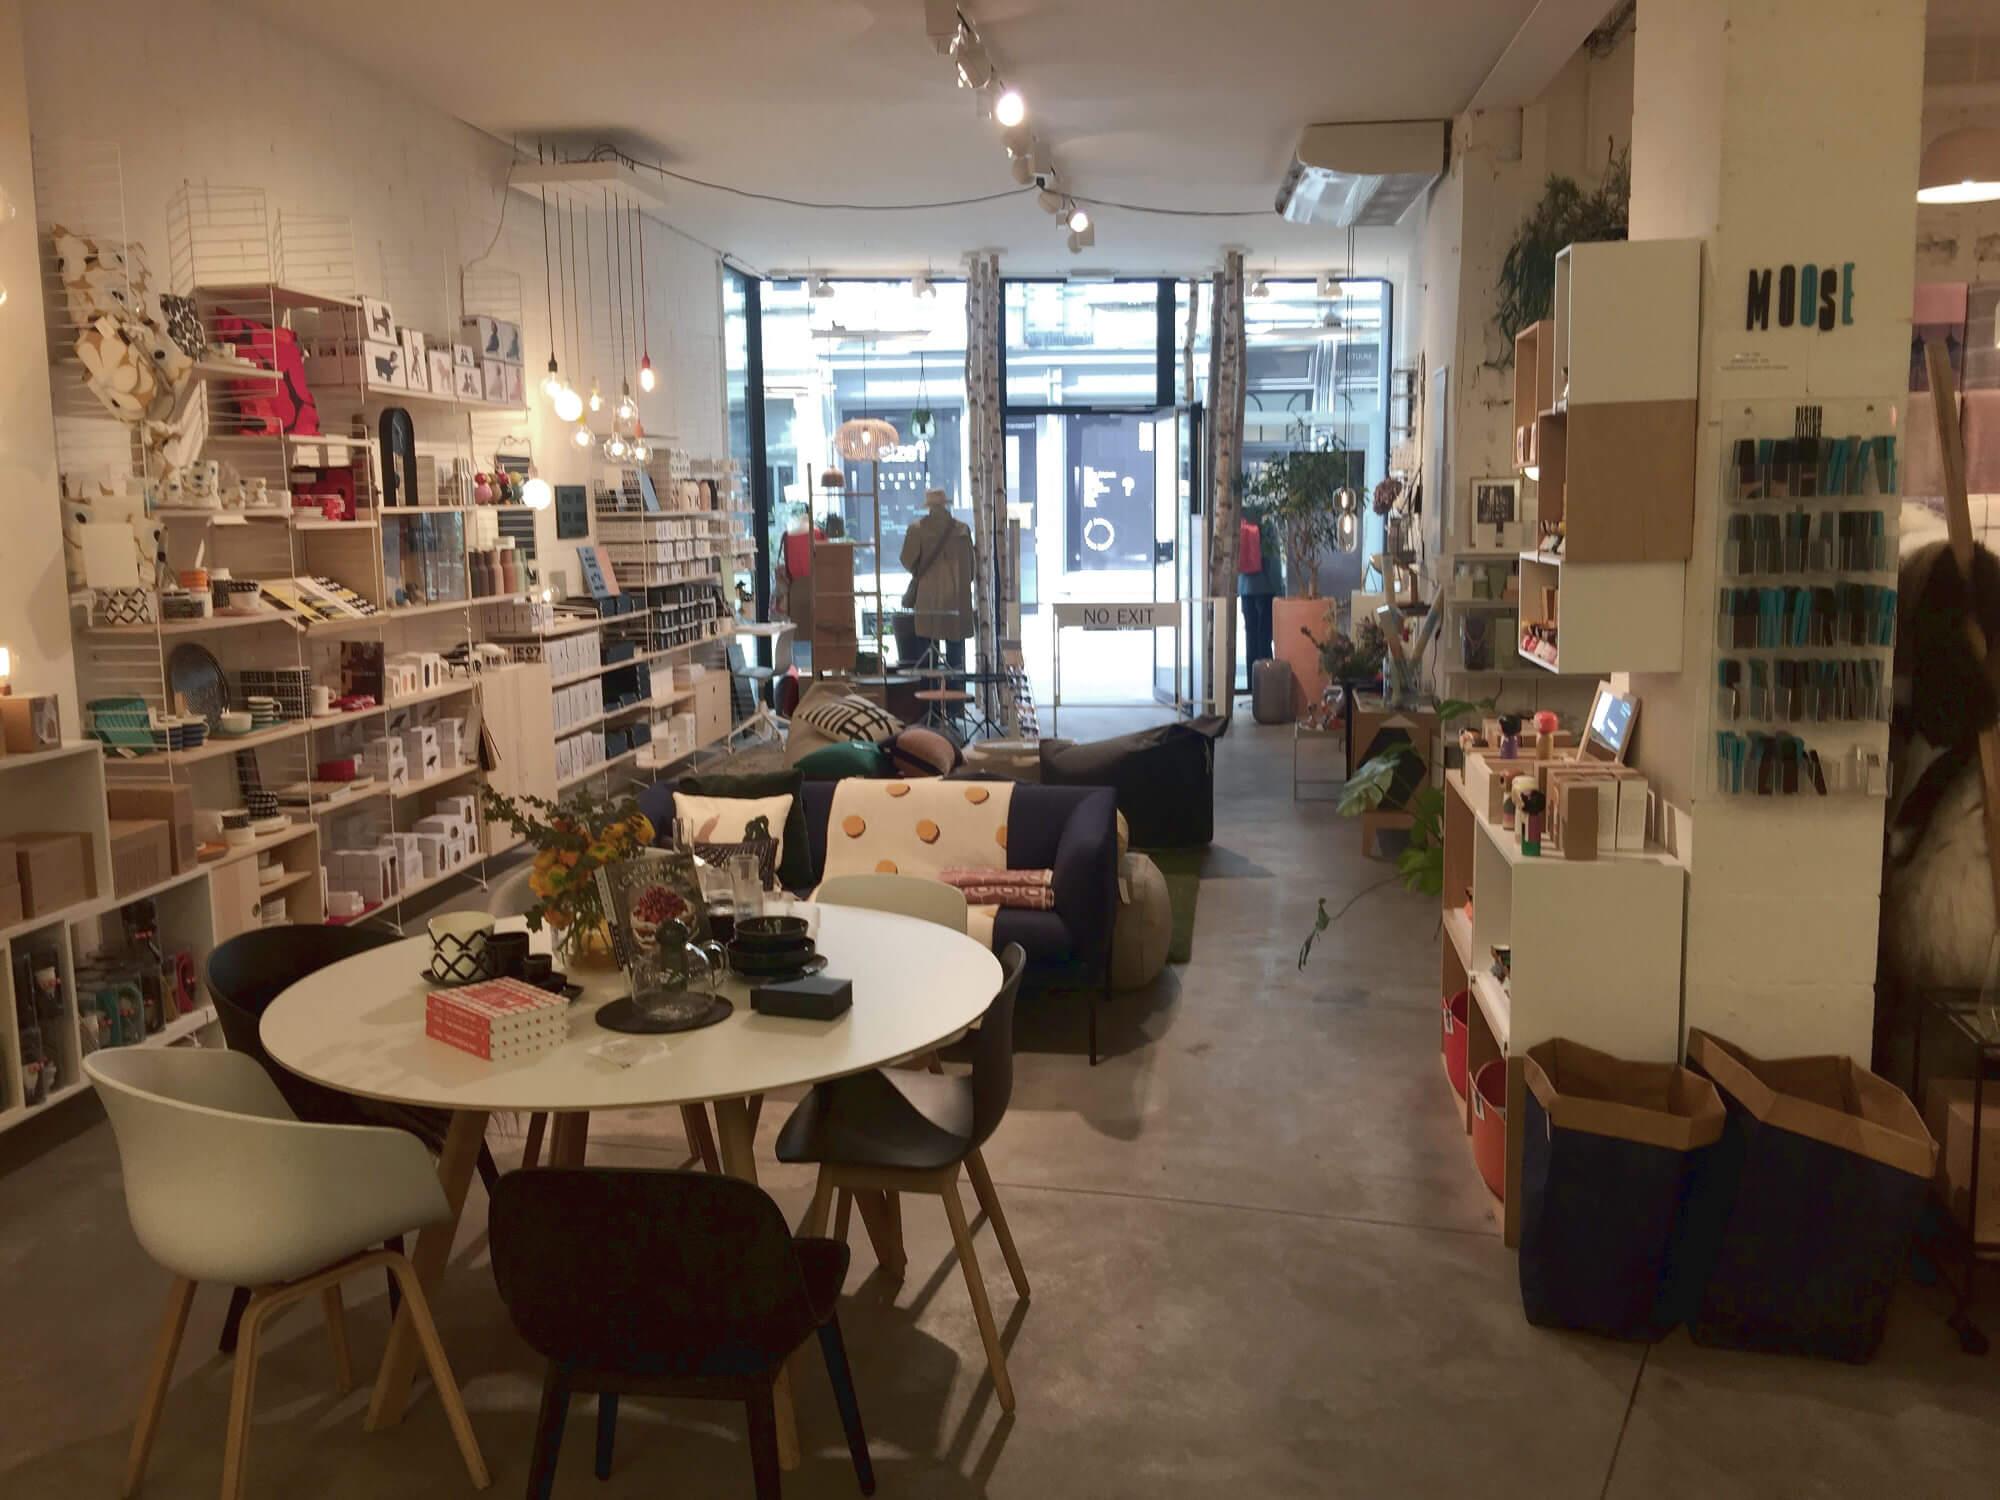 Blick in Verkaufsraum eines Geschäfts in Antwerpen